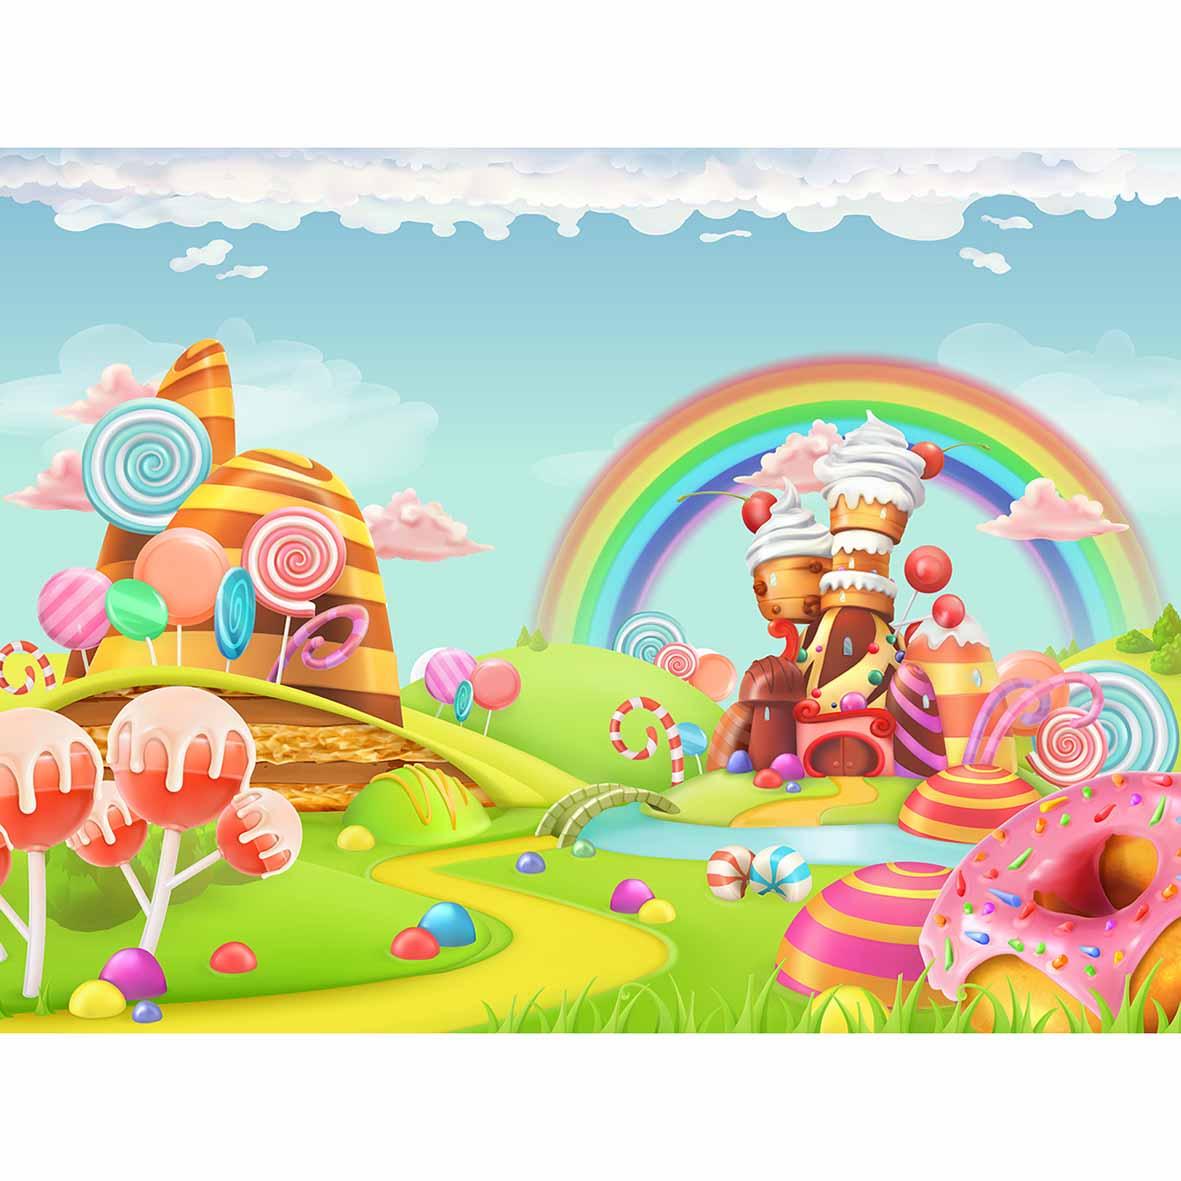 Allenjoy photographie toile de fond arc en ciel dessin animé bonbons maison enfant conte de fées arrière plan nouveau né conception originale pour studio